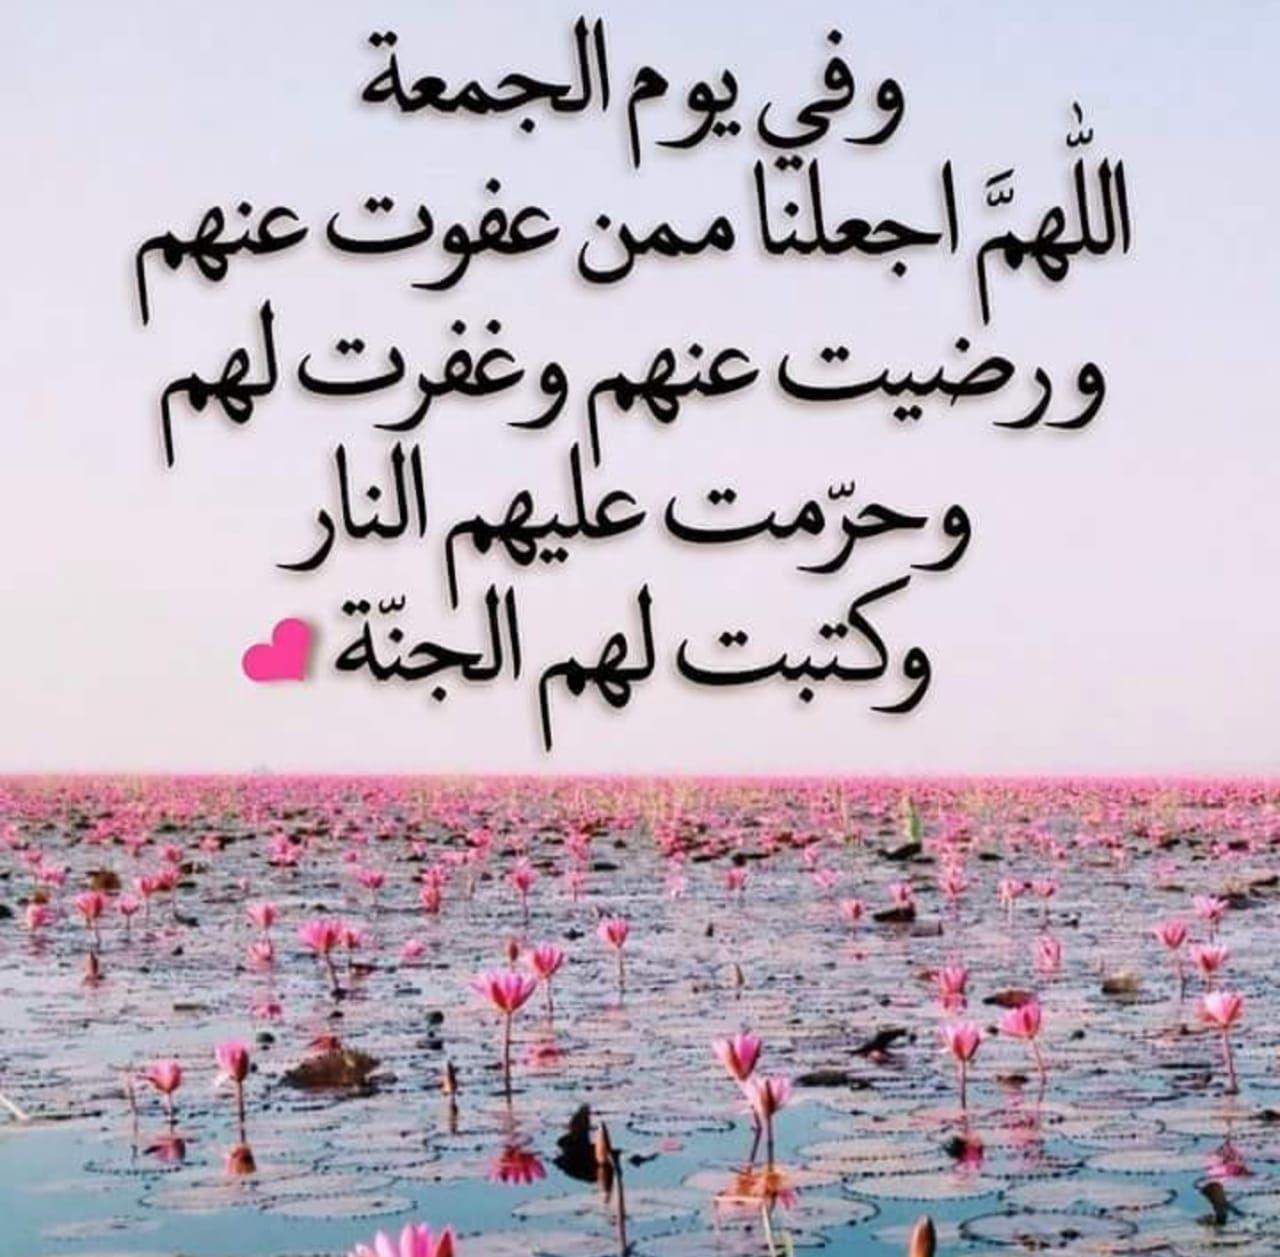 صورة ادعية يوم الجمعة بالصور , تترفع الدعوات يوم الجمعه 2305 1